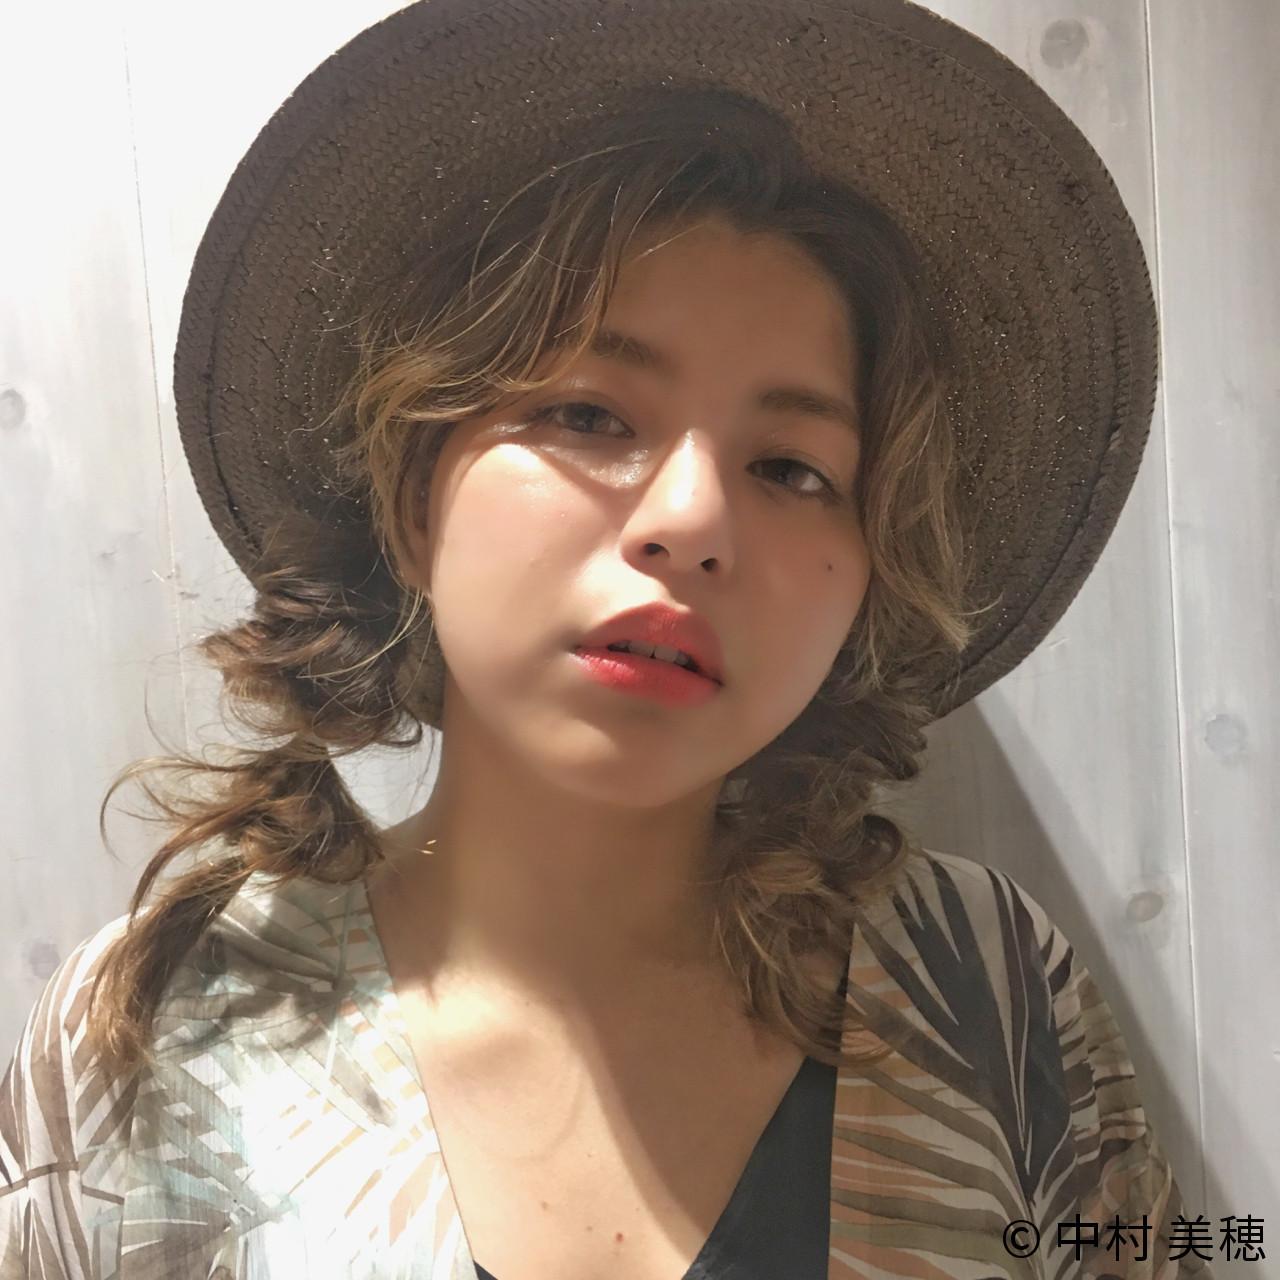 ツインも可愛く♡くるりんぱでつくる玉ねぎヘア 中村 美穂